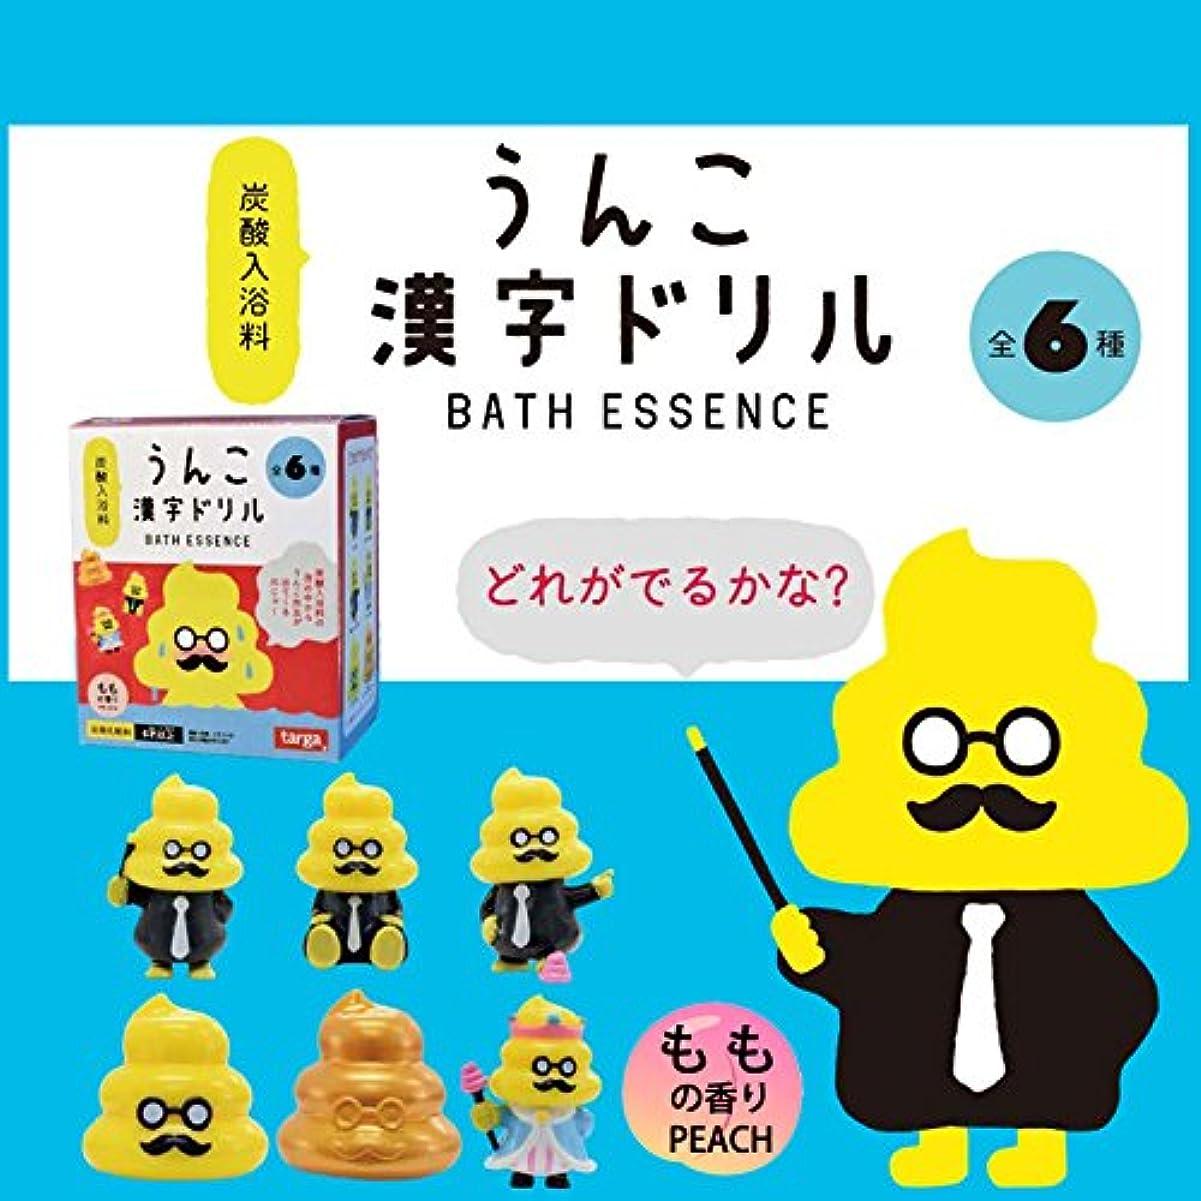 知らせるバクテリアセレナうんこ漢字ドリル 炭酸入浴料 6個1セット 入浴剤